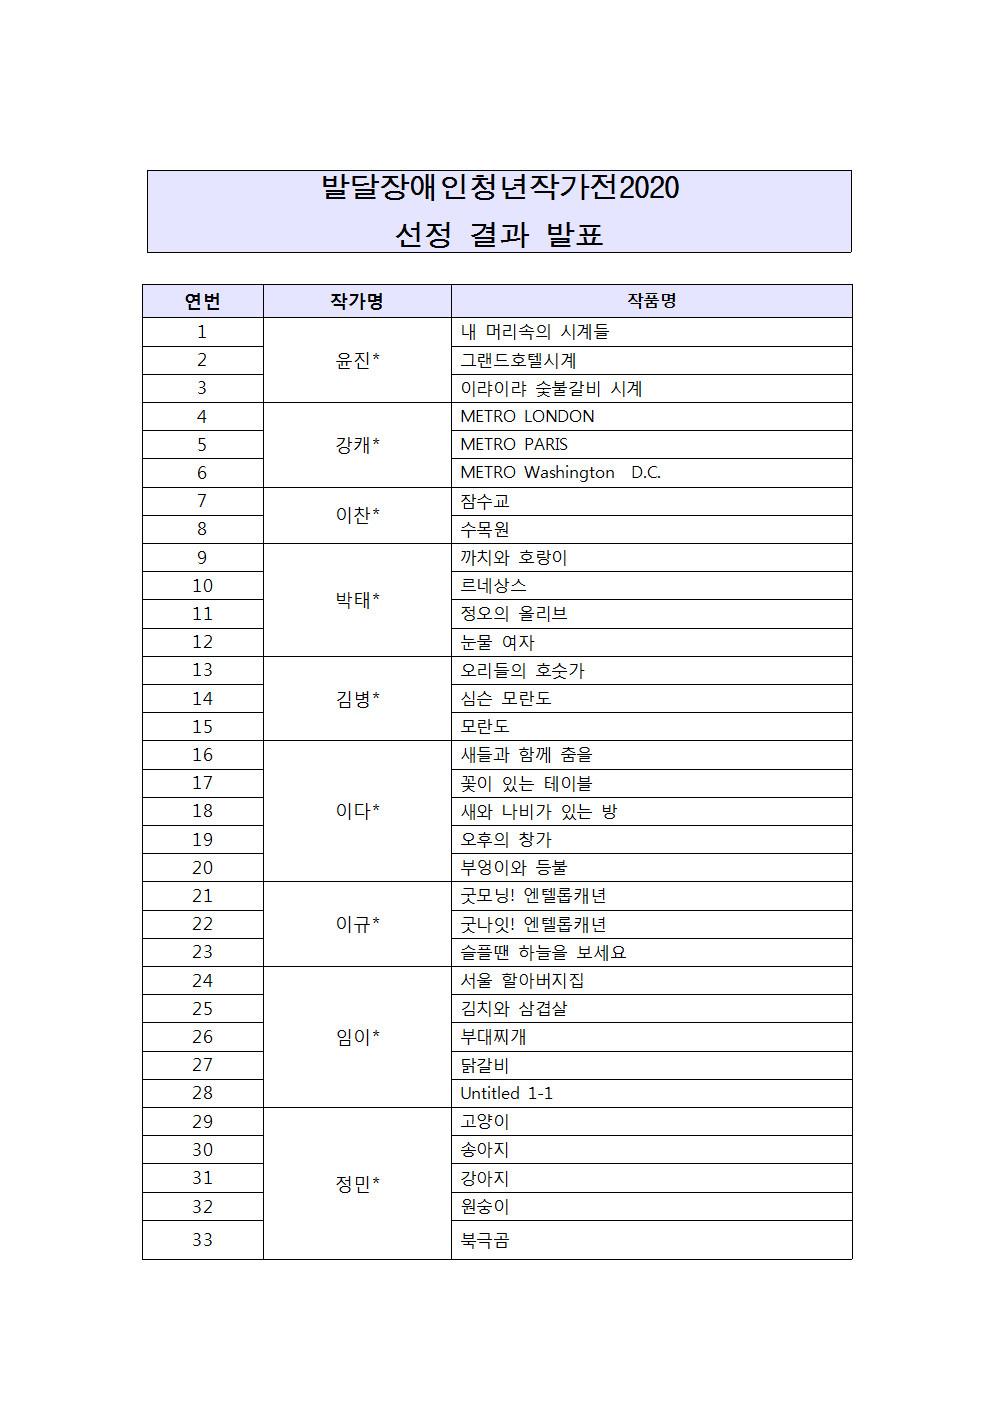 발달장애인청년작가전2020+선정결과발표 (1).jpg